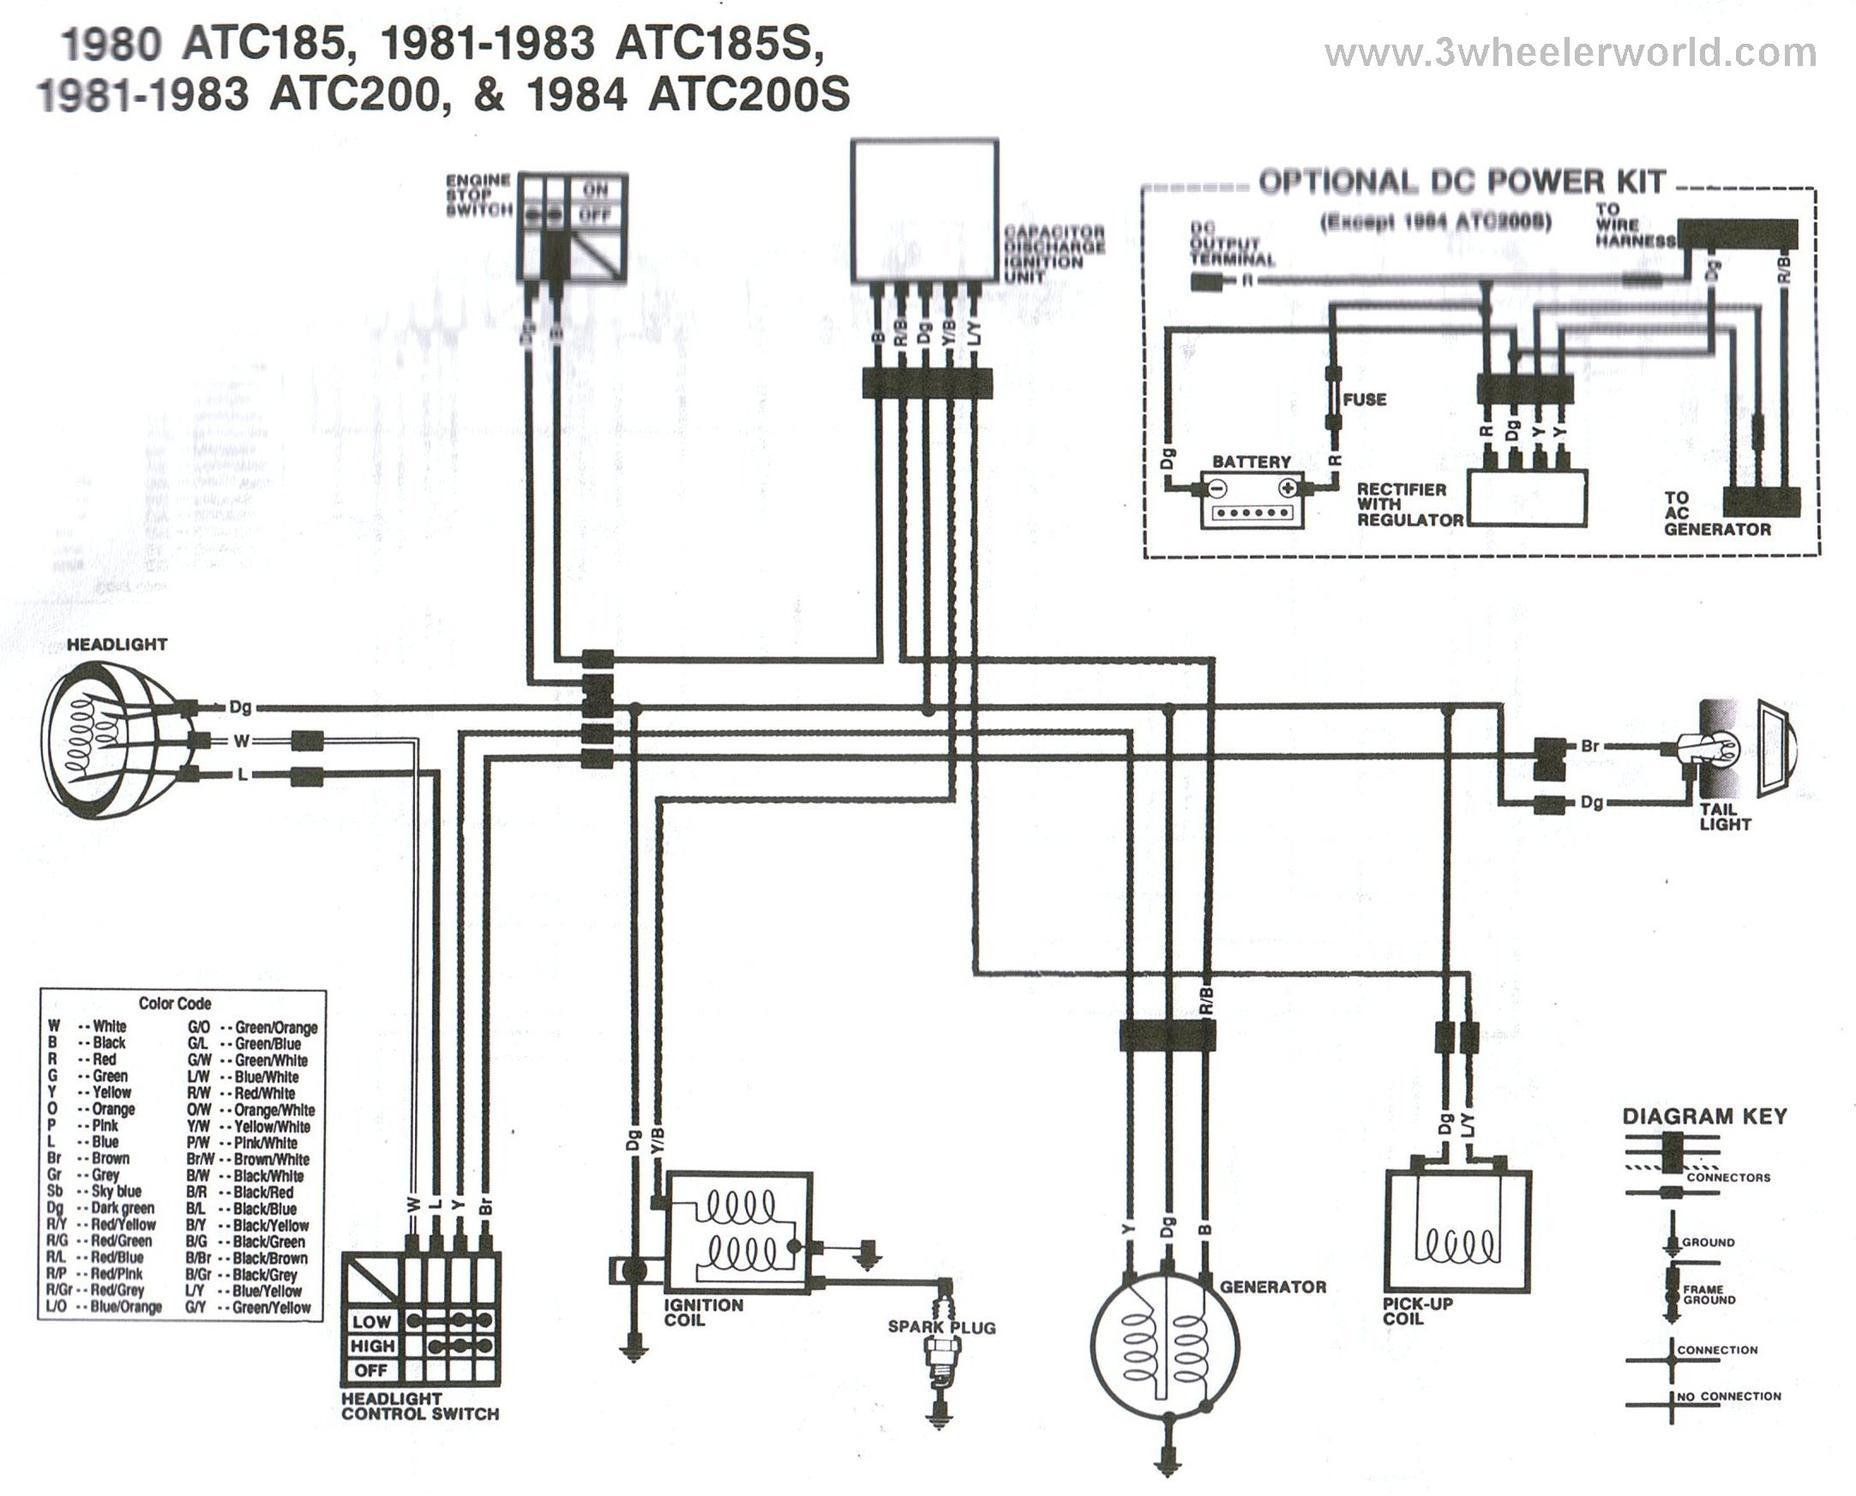 quad 33 schematic  | 3wheelerworld.com